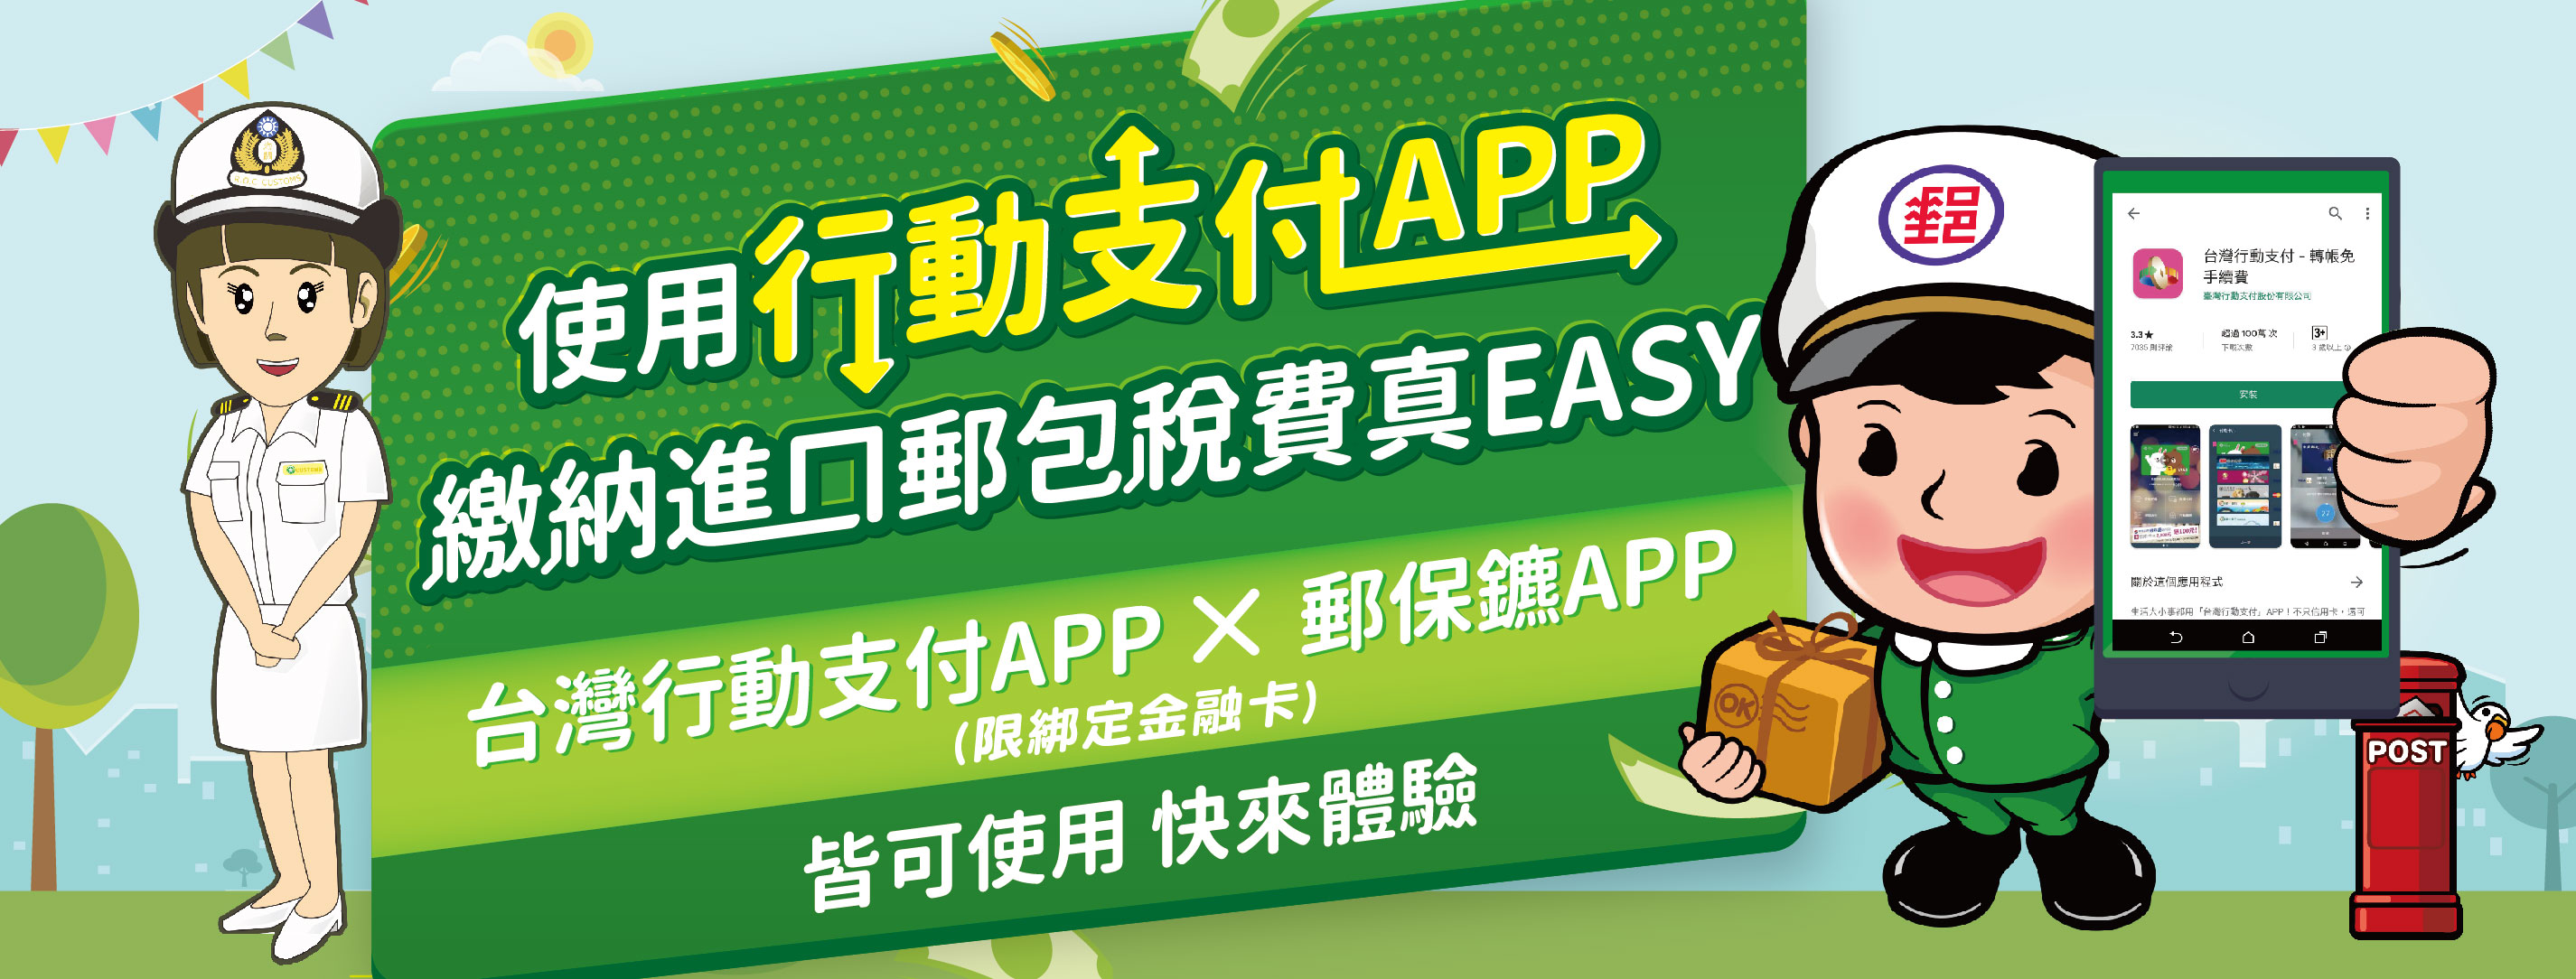 廣告連結:使用行動支付APP 繳納進口郵包稅費真EASY